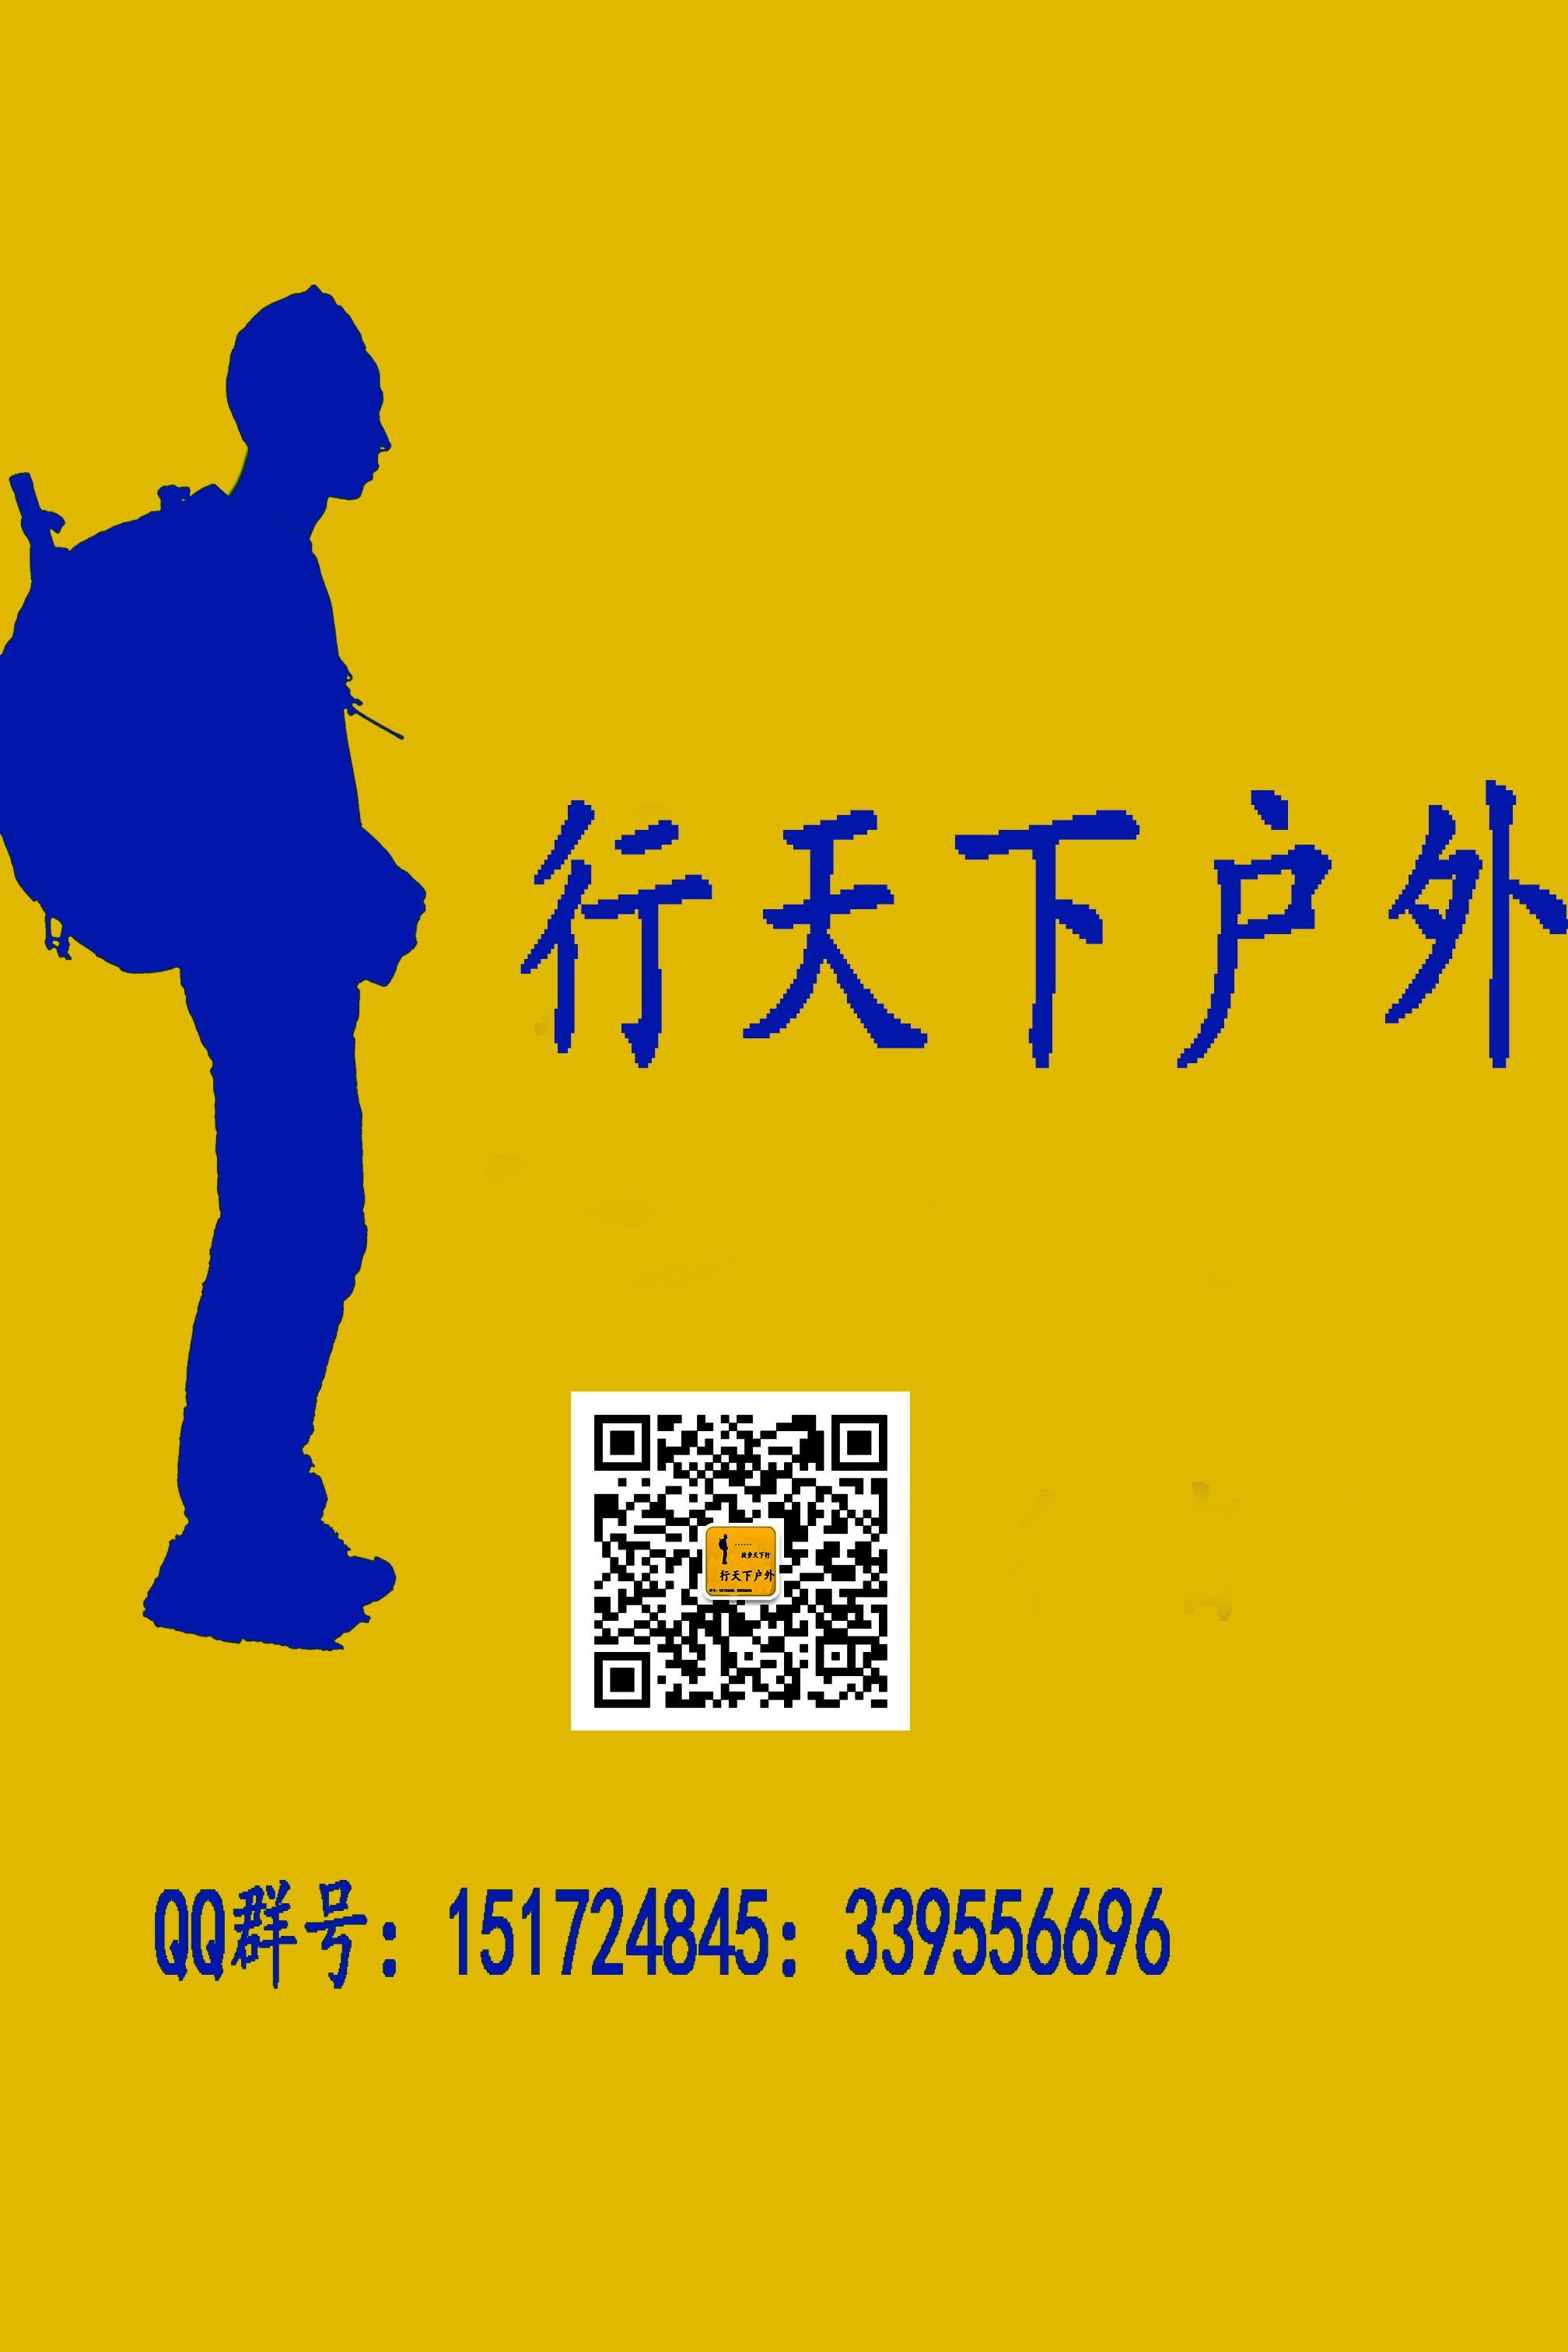 千米高峰通天蜡烛&摄影漫山红杜鹃(4.10号